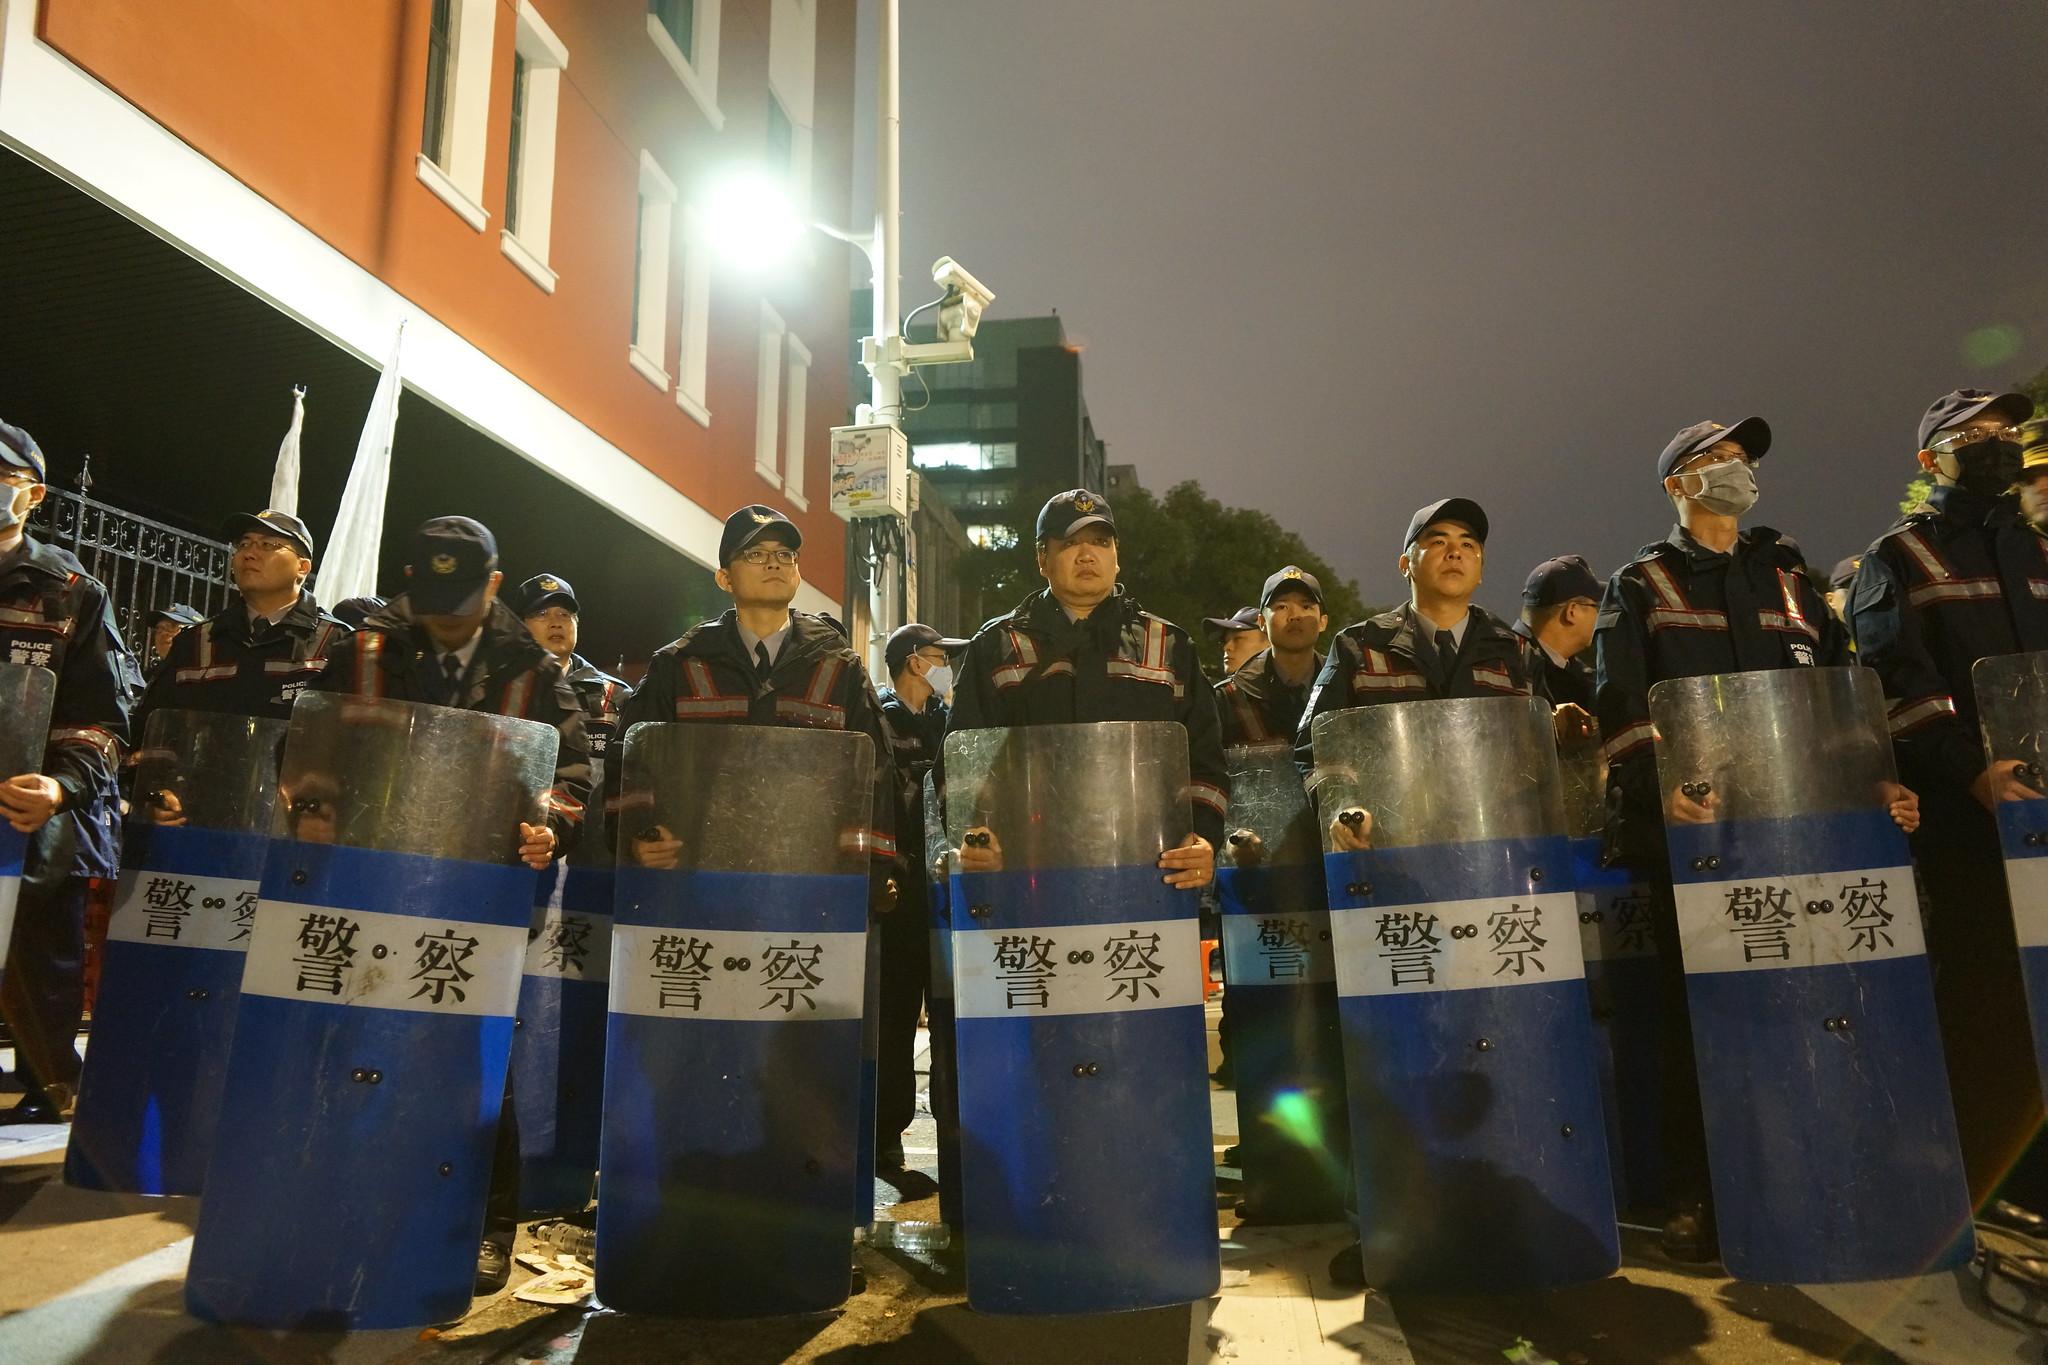 警方在立院周邊加重防備,避免群眾衝入。(攝影:王顥中)